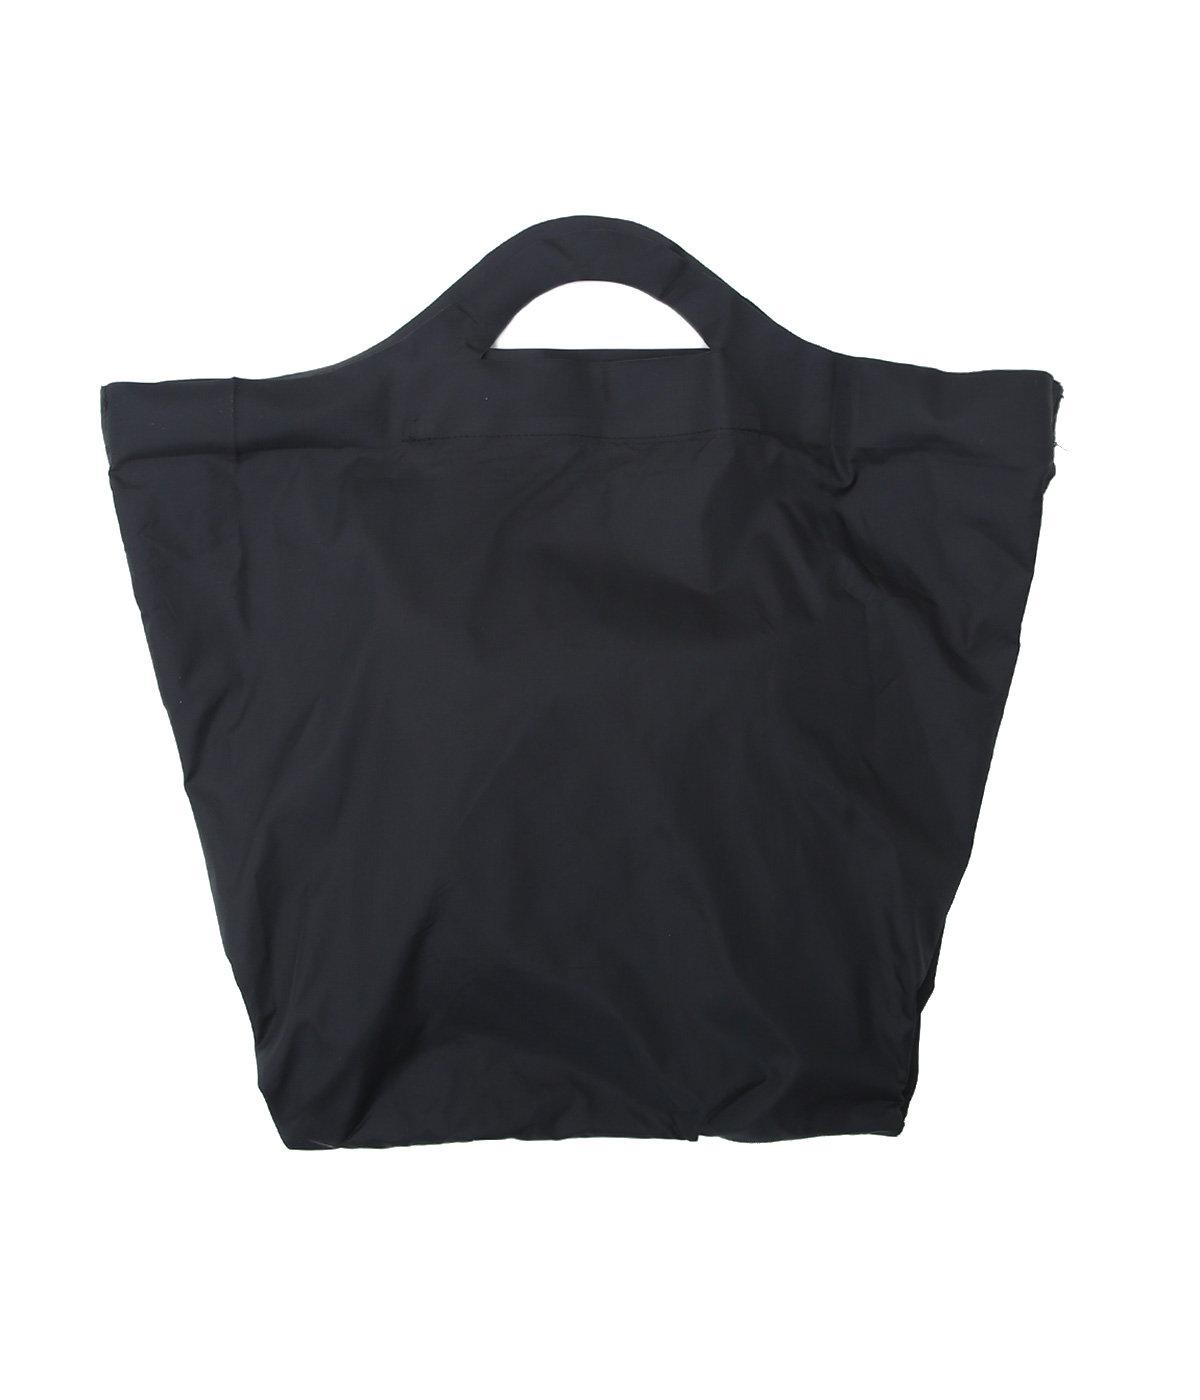 CMF SHOP BAG(MEDIUM)